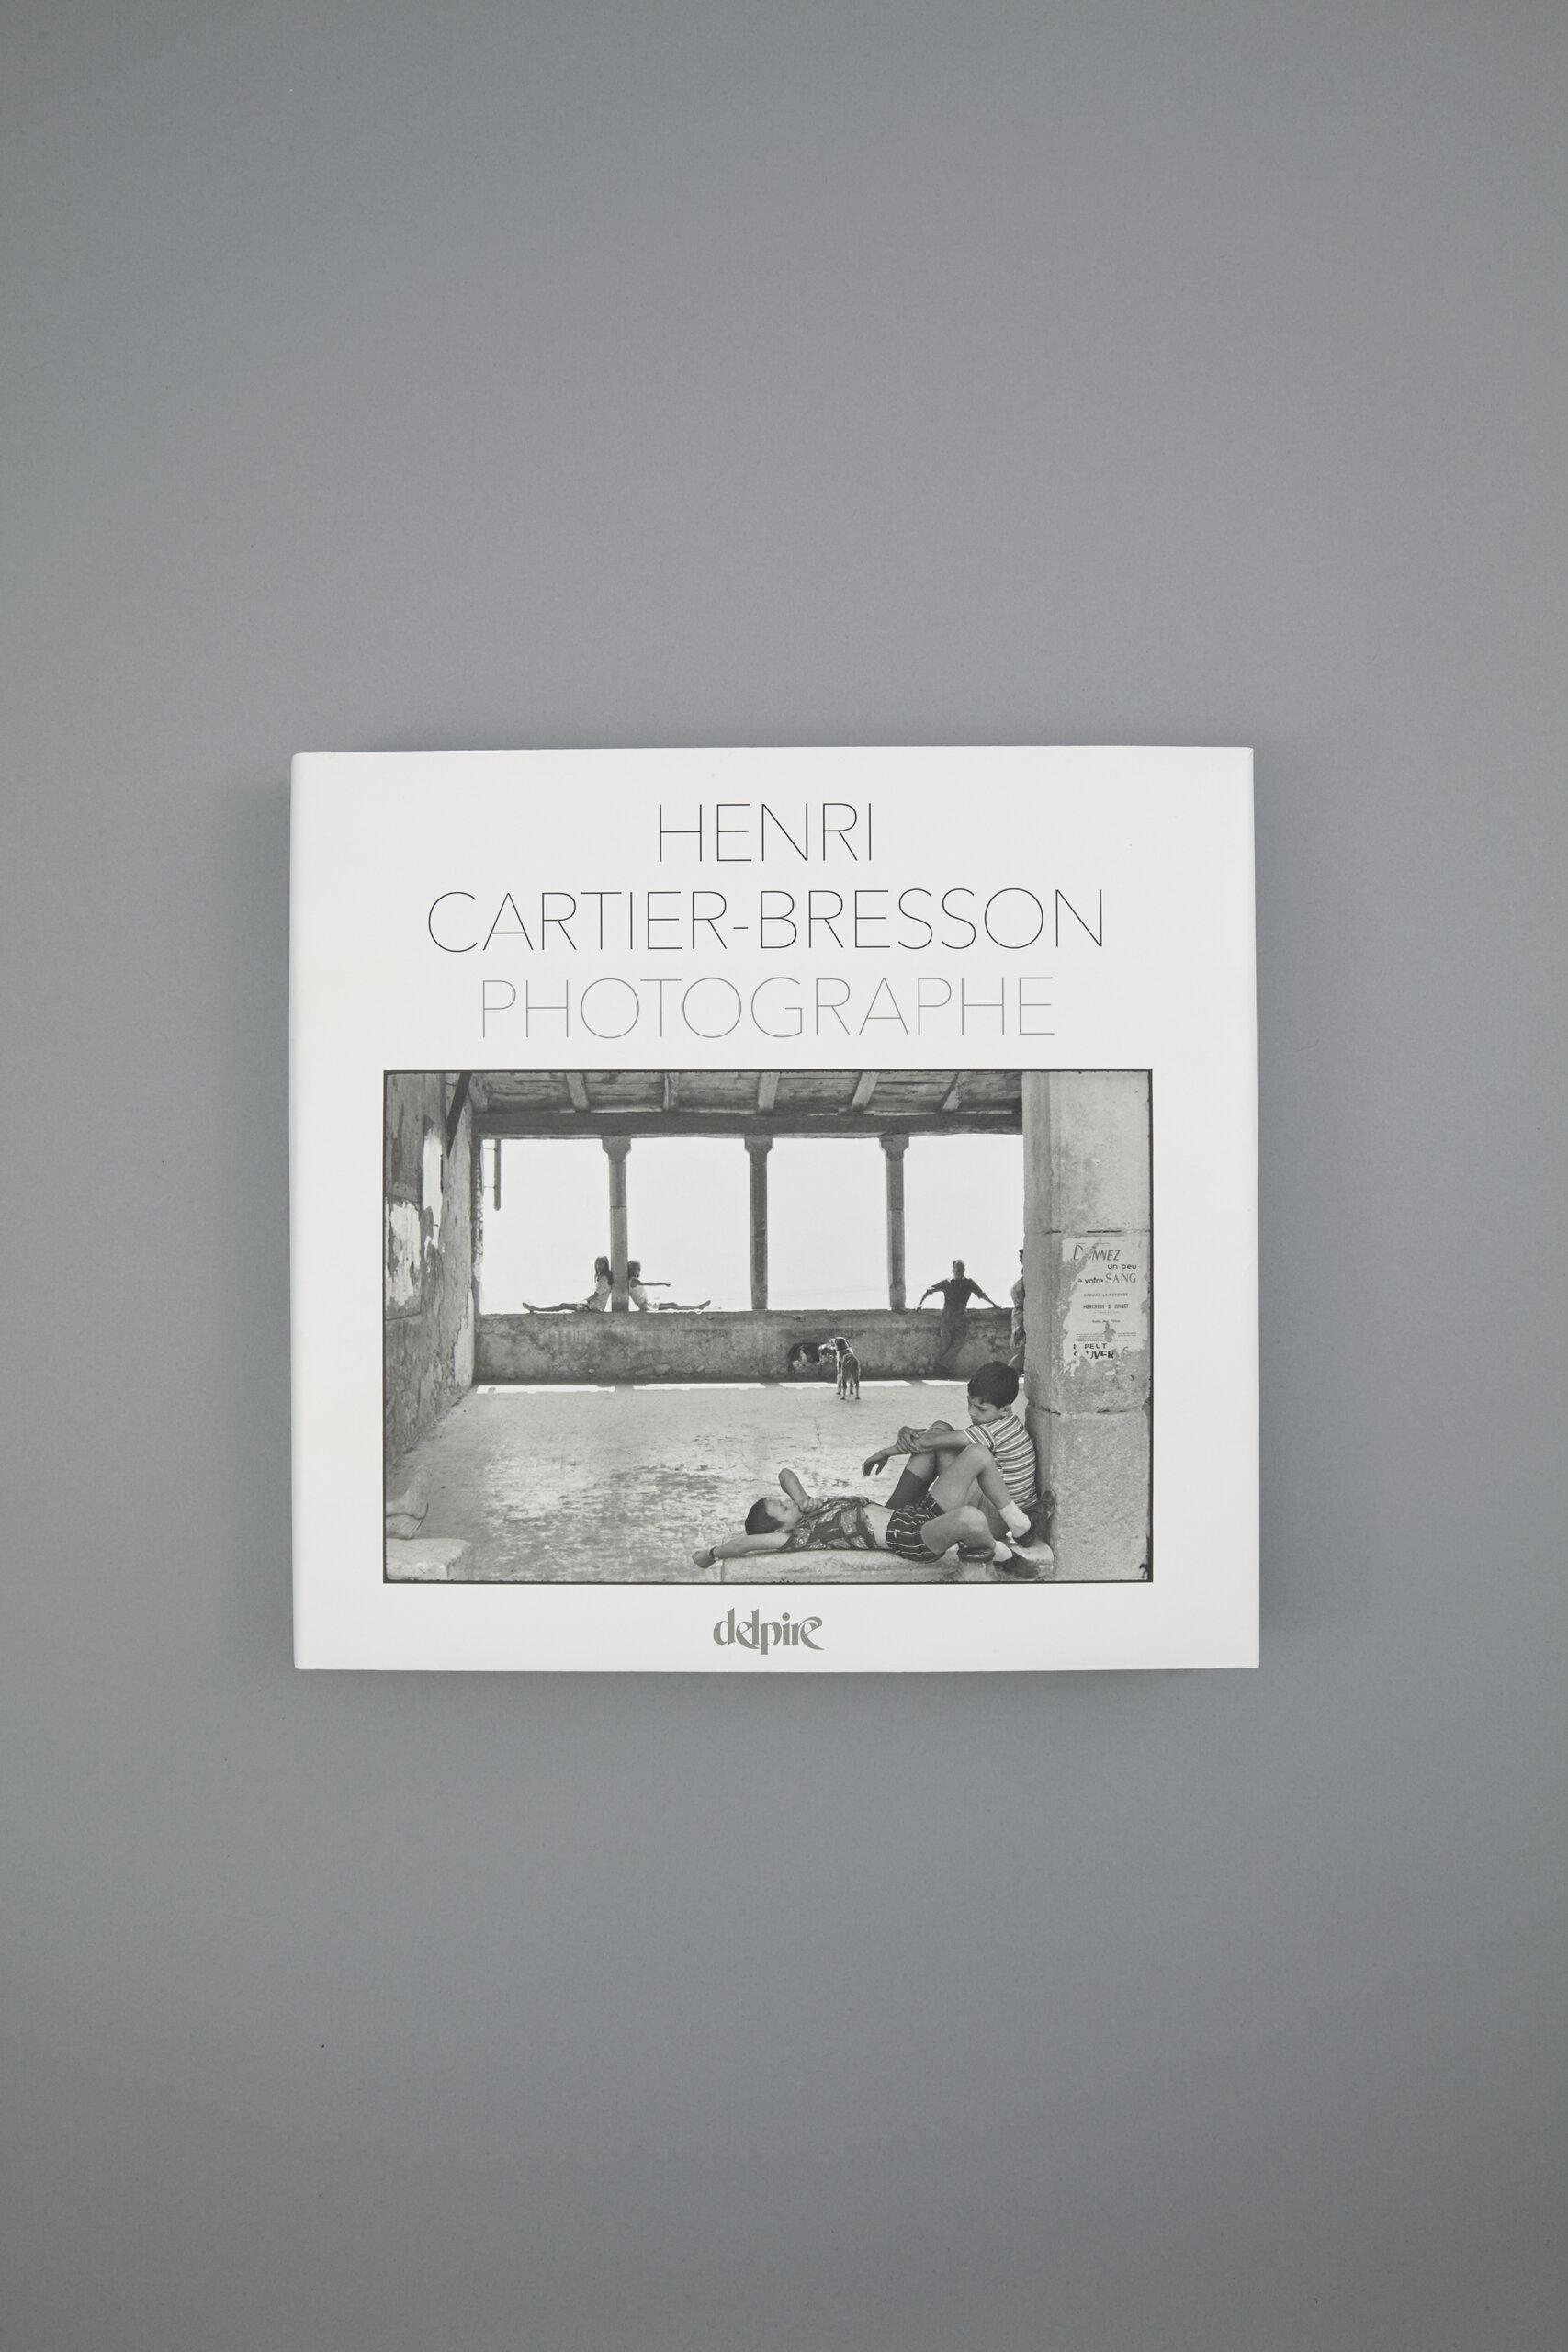 delpire-CARTIER-BRESSON-henri-photographe